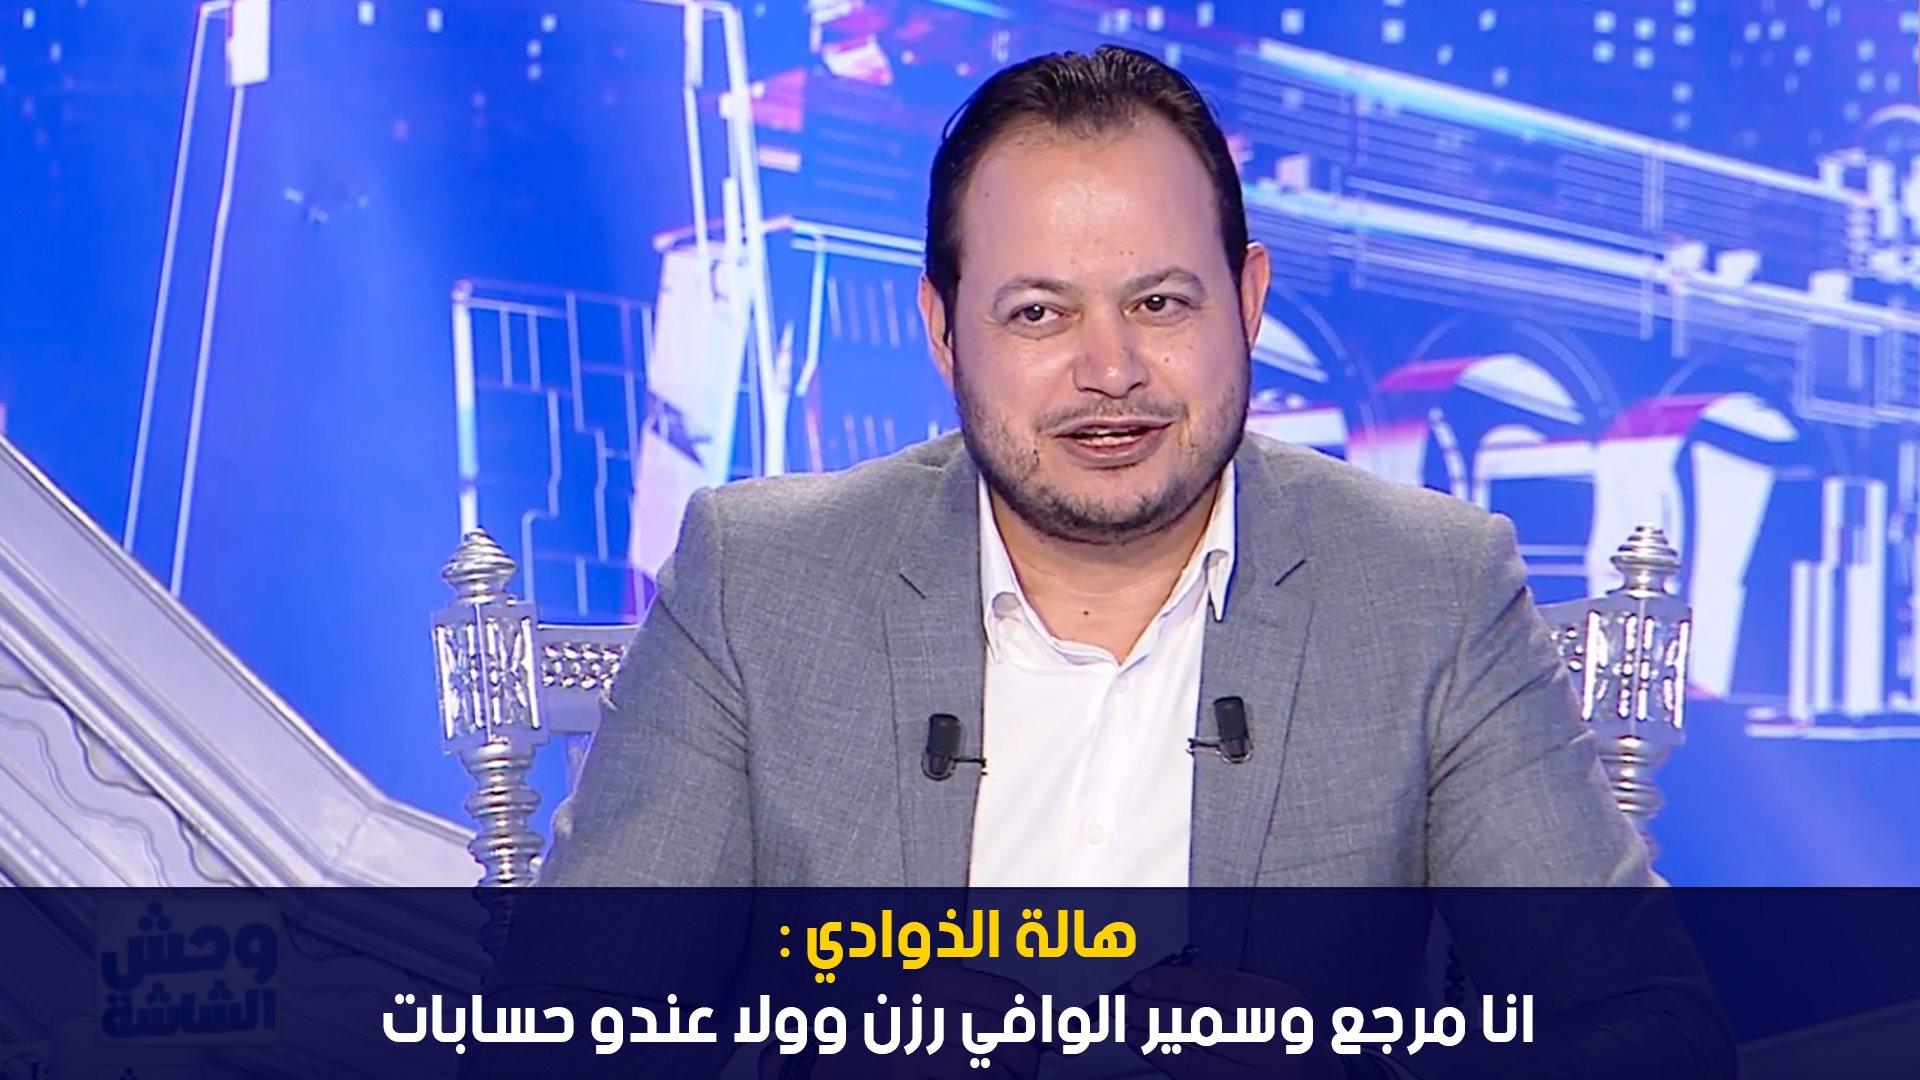 هالة الذوادي:انا مرجع وسمير الوافي رزن وولا عندو حسابات